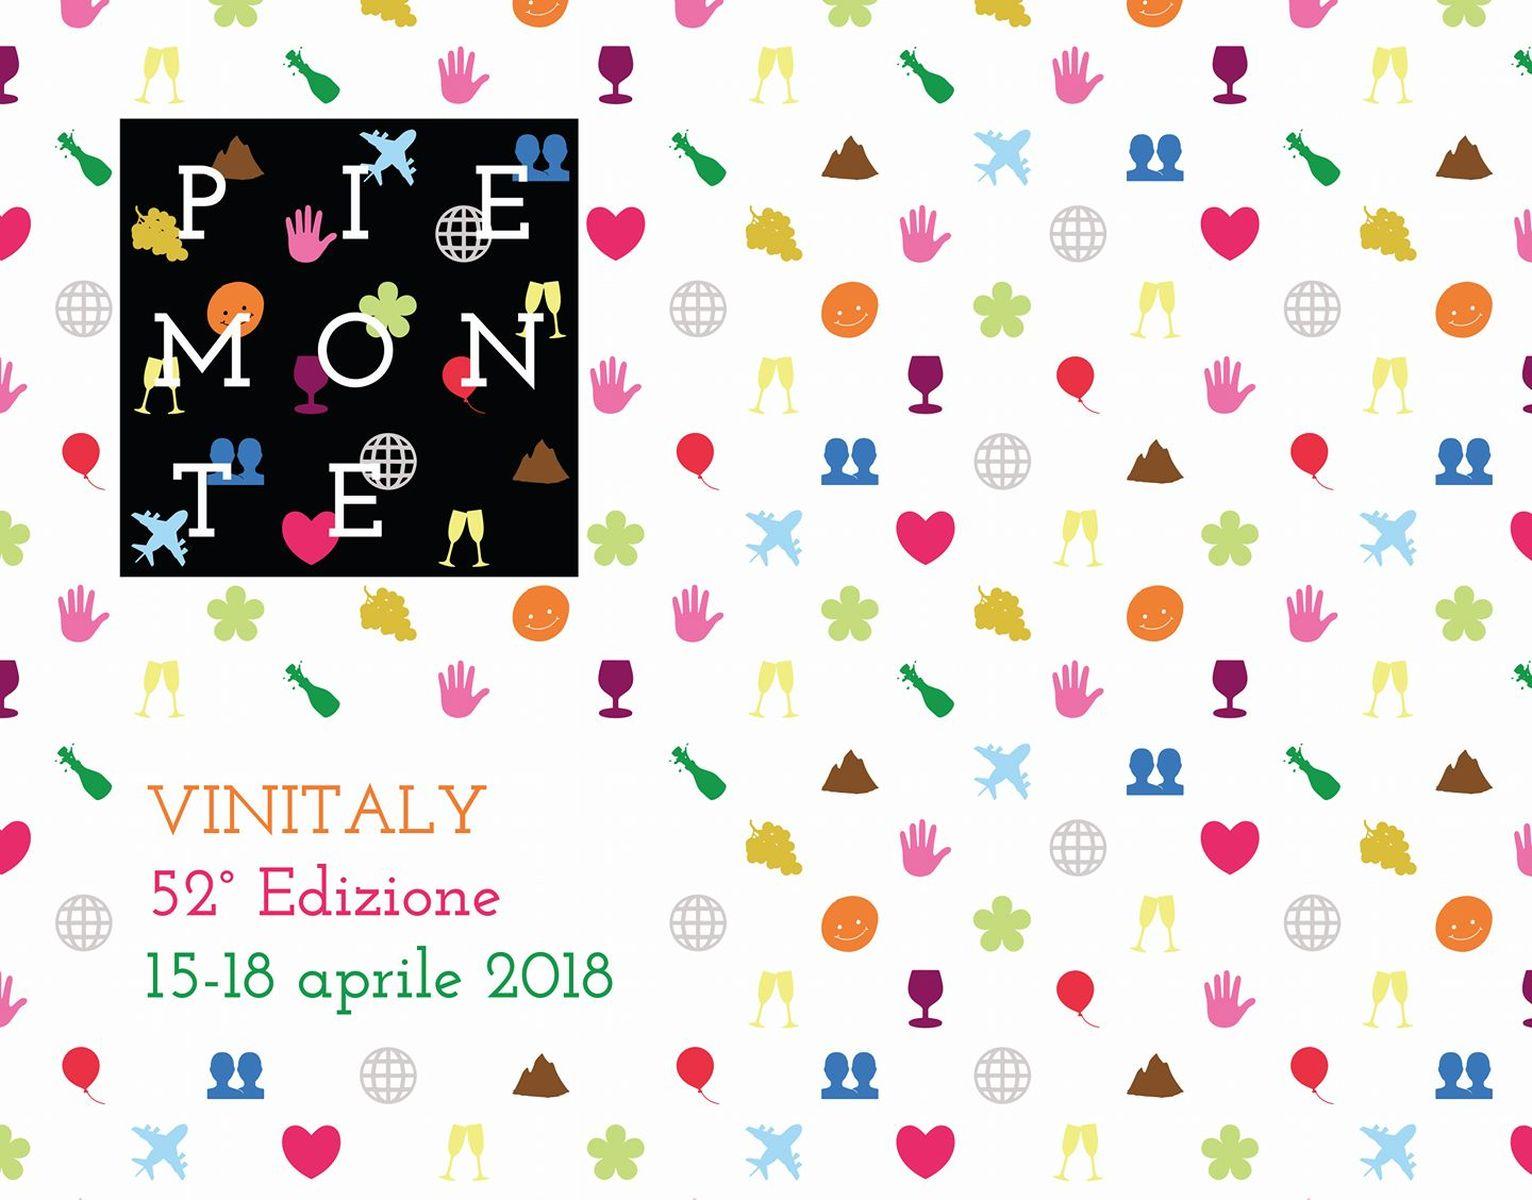 vinitaly-2018-09